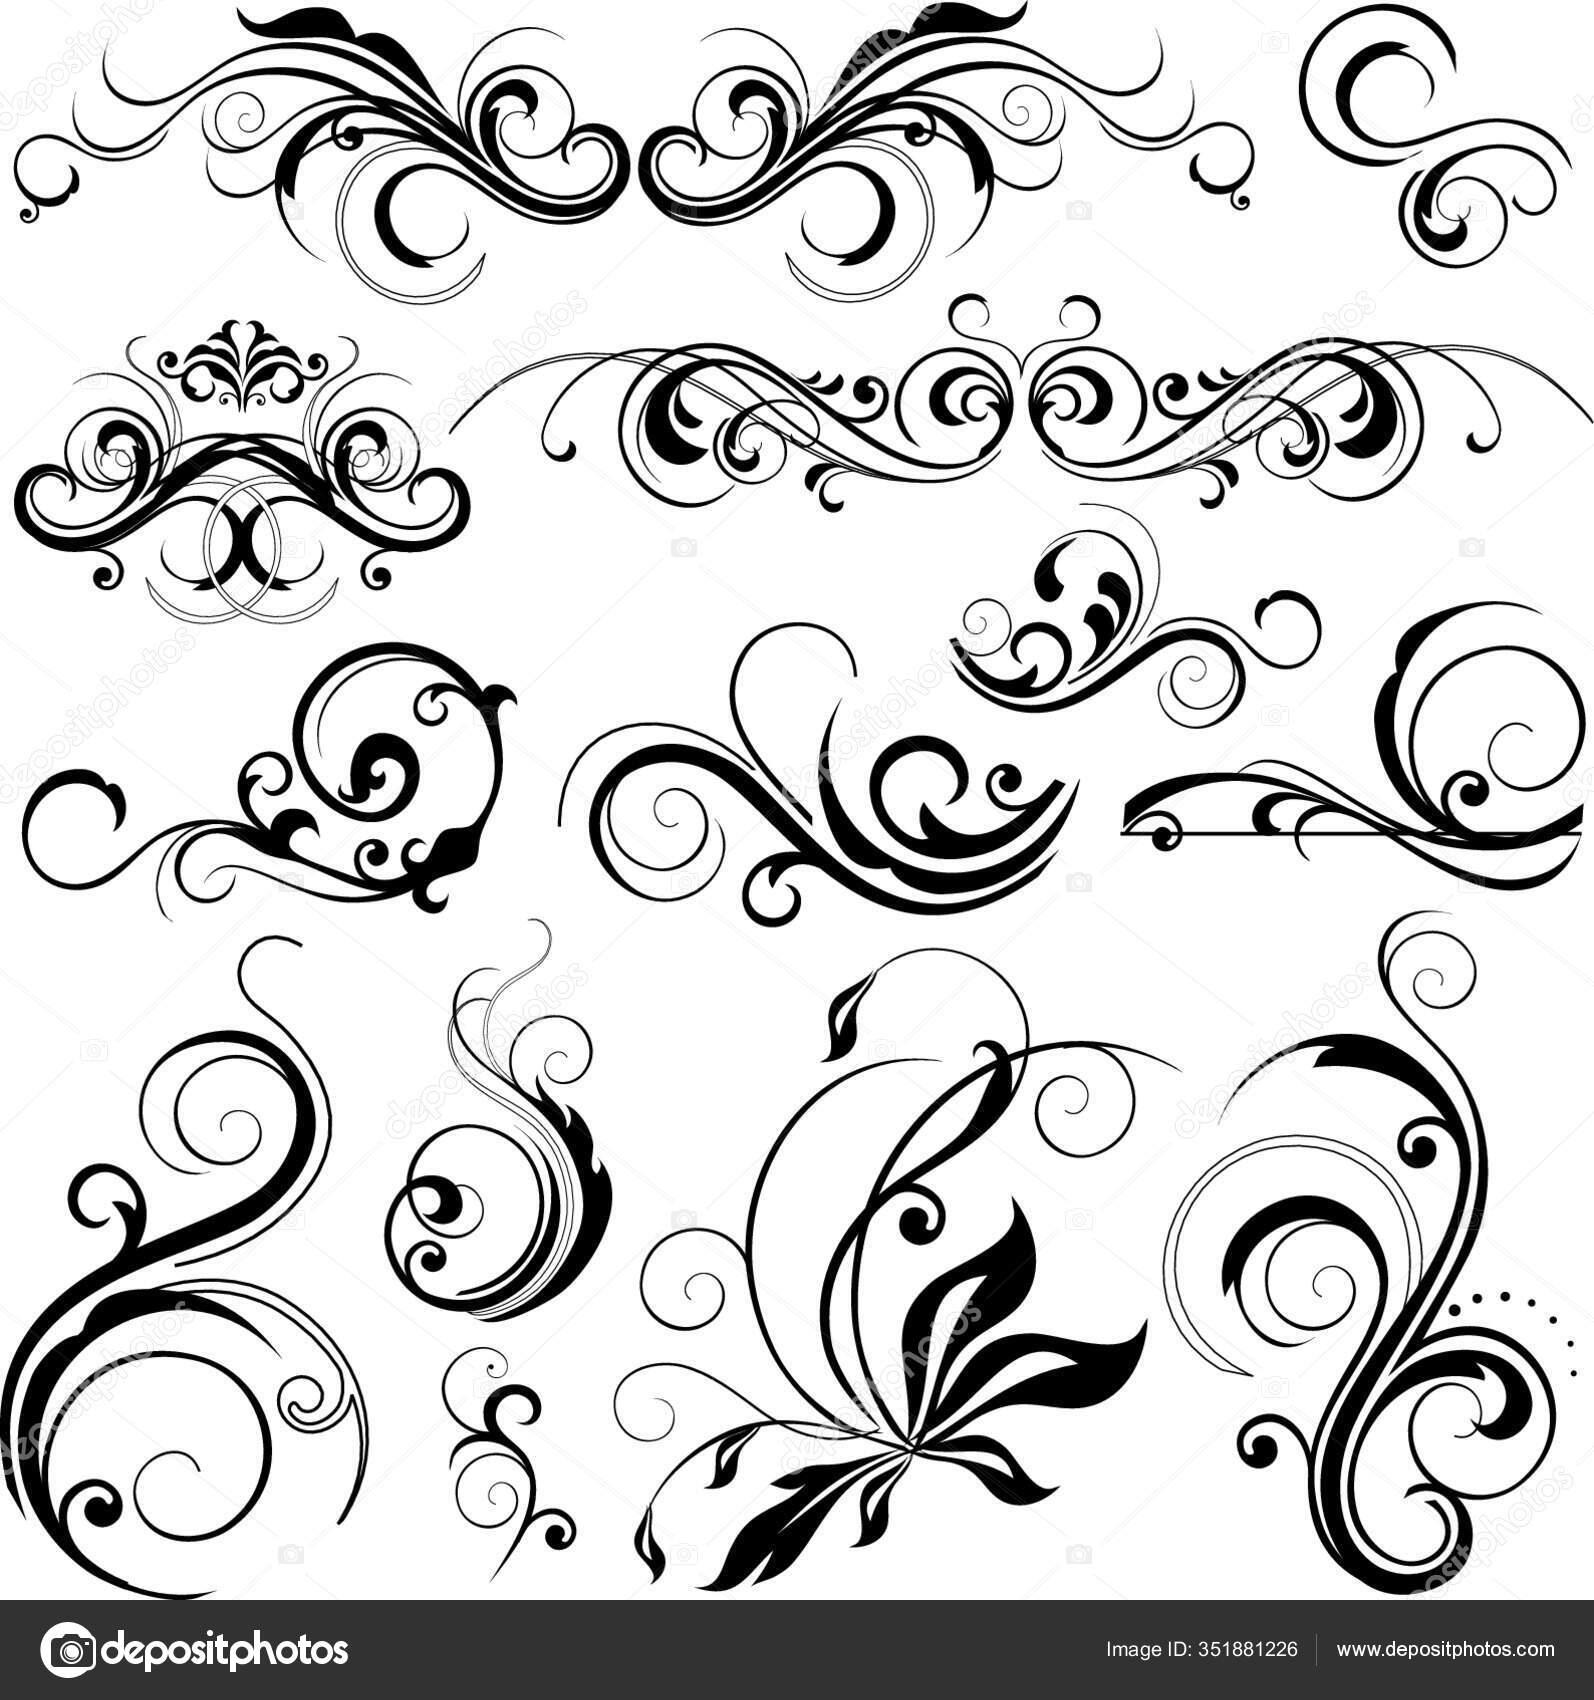 Seni Digital Gambar Modern Wallpaper Stok Vektor C Panthermediaseller 351881226